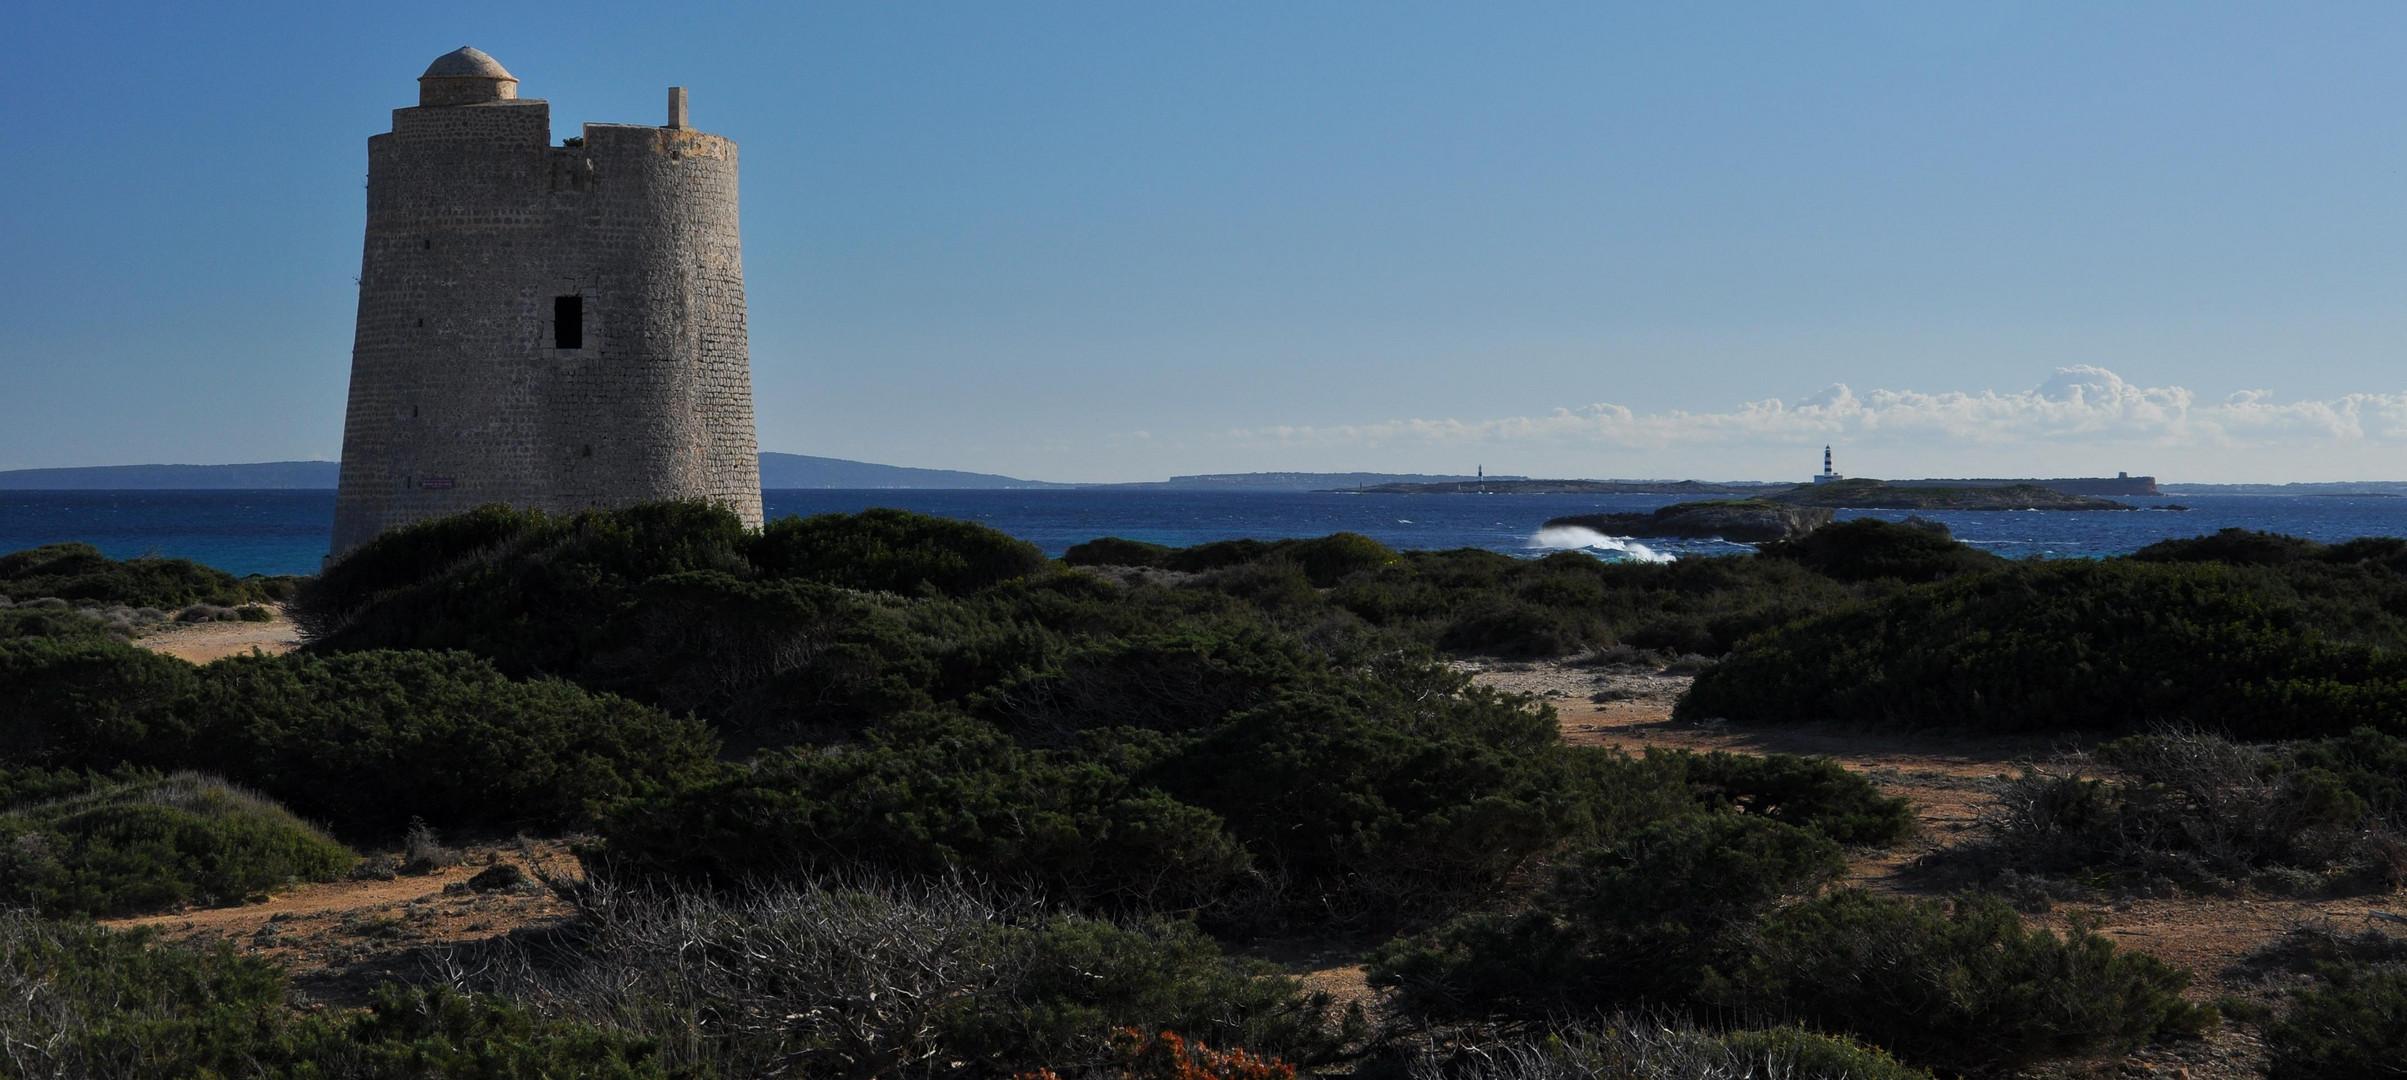 Ibiza: La Torre de ses Portes